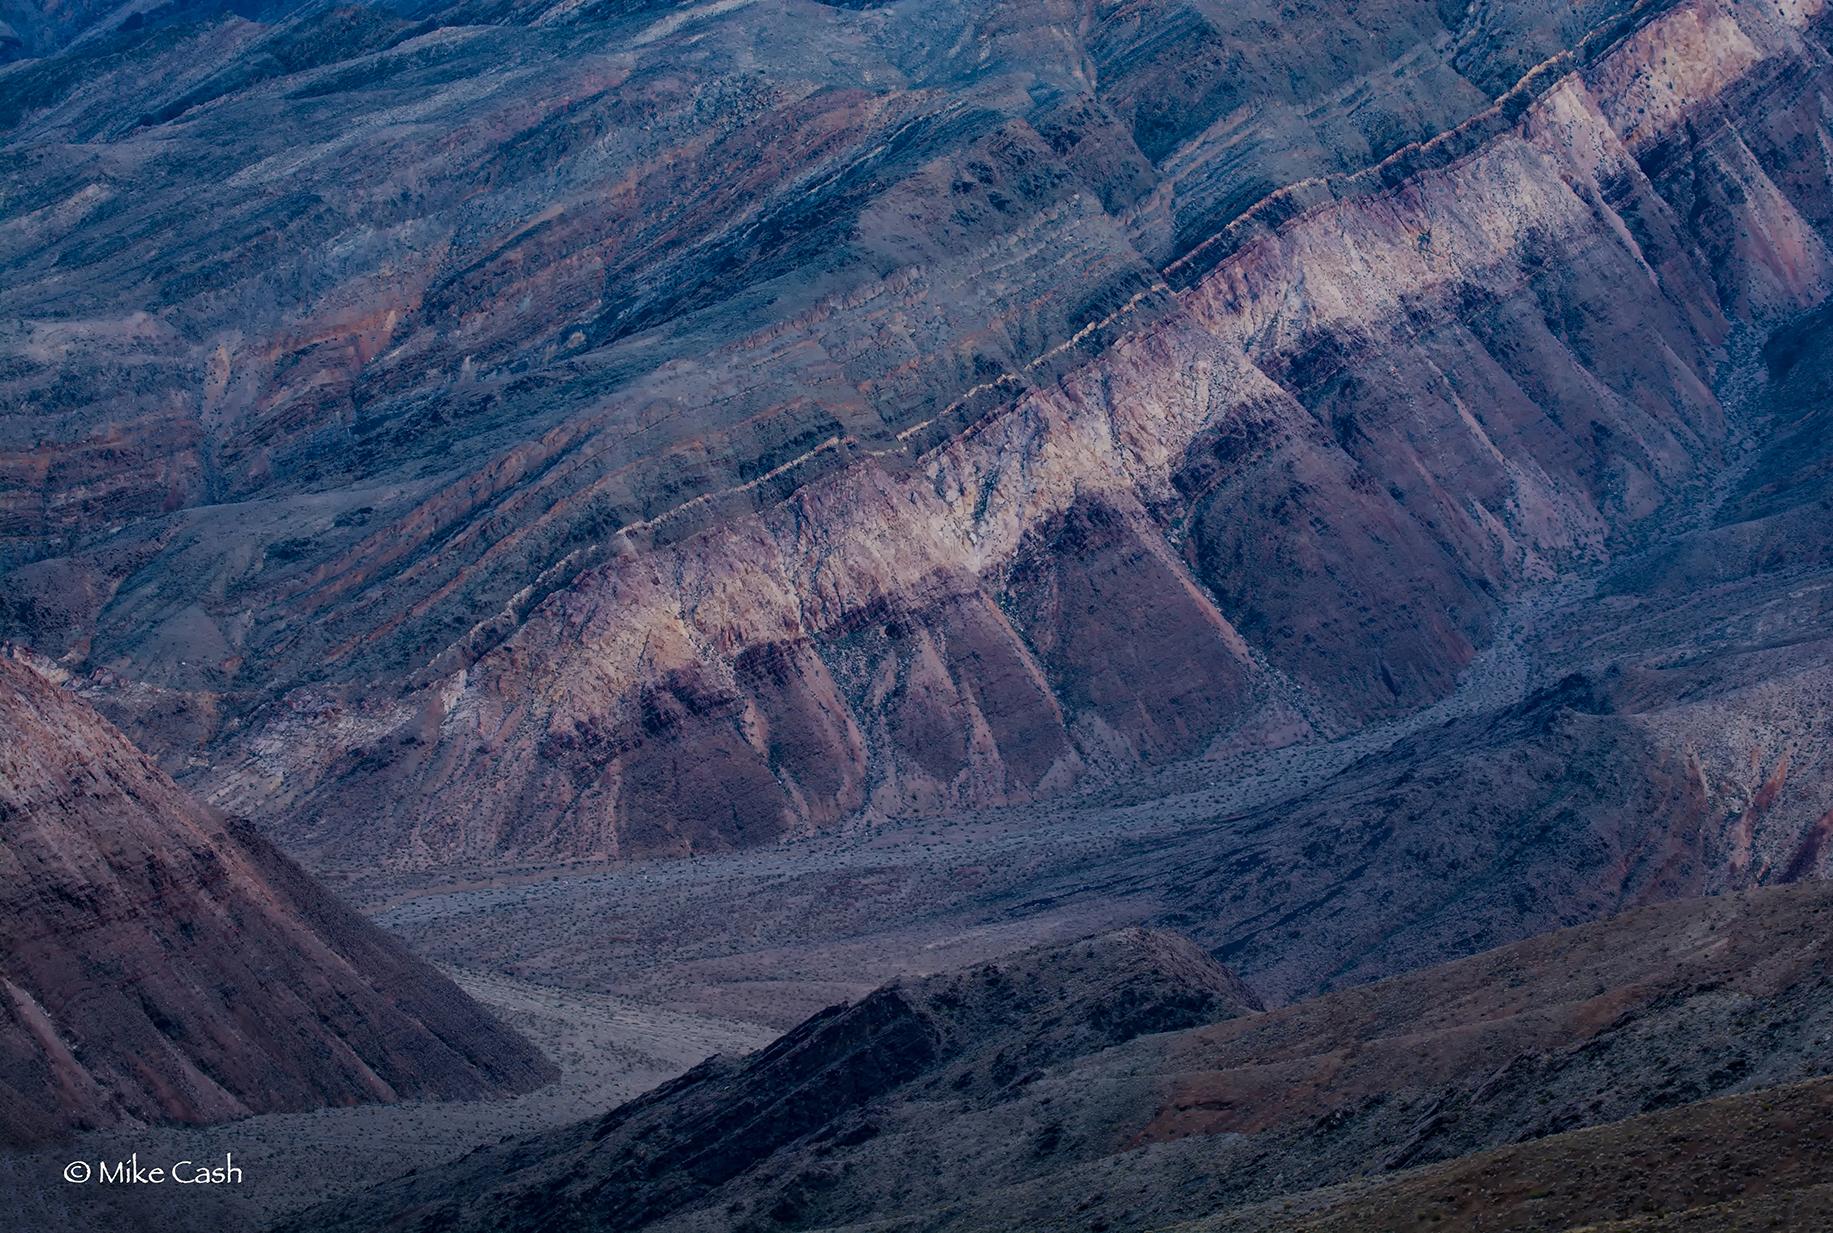 The canyon at dusk